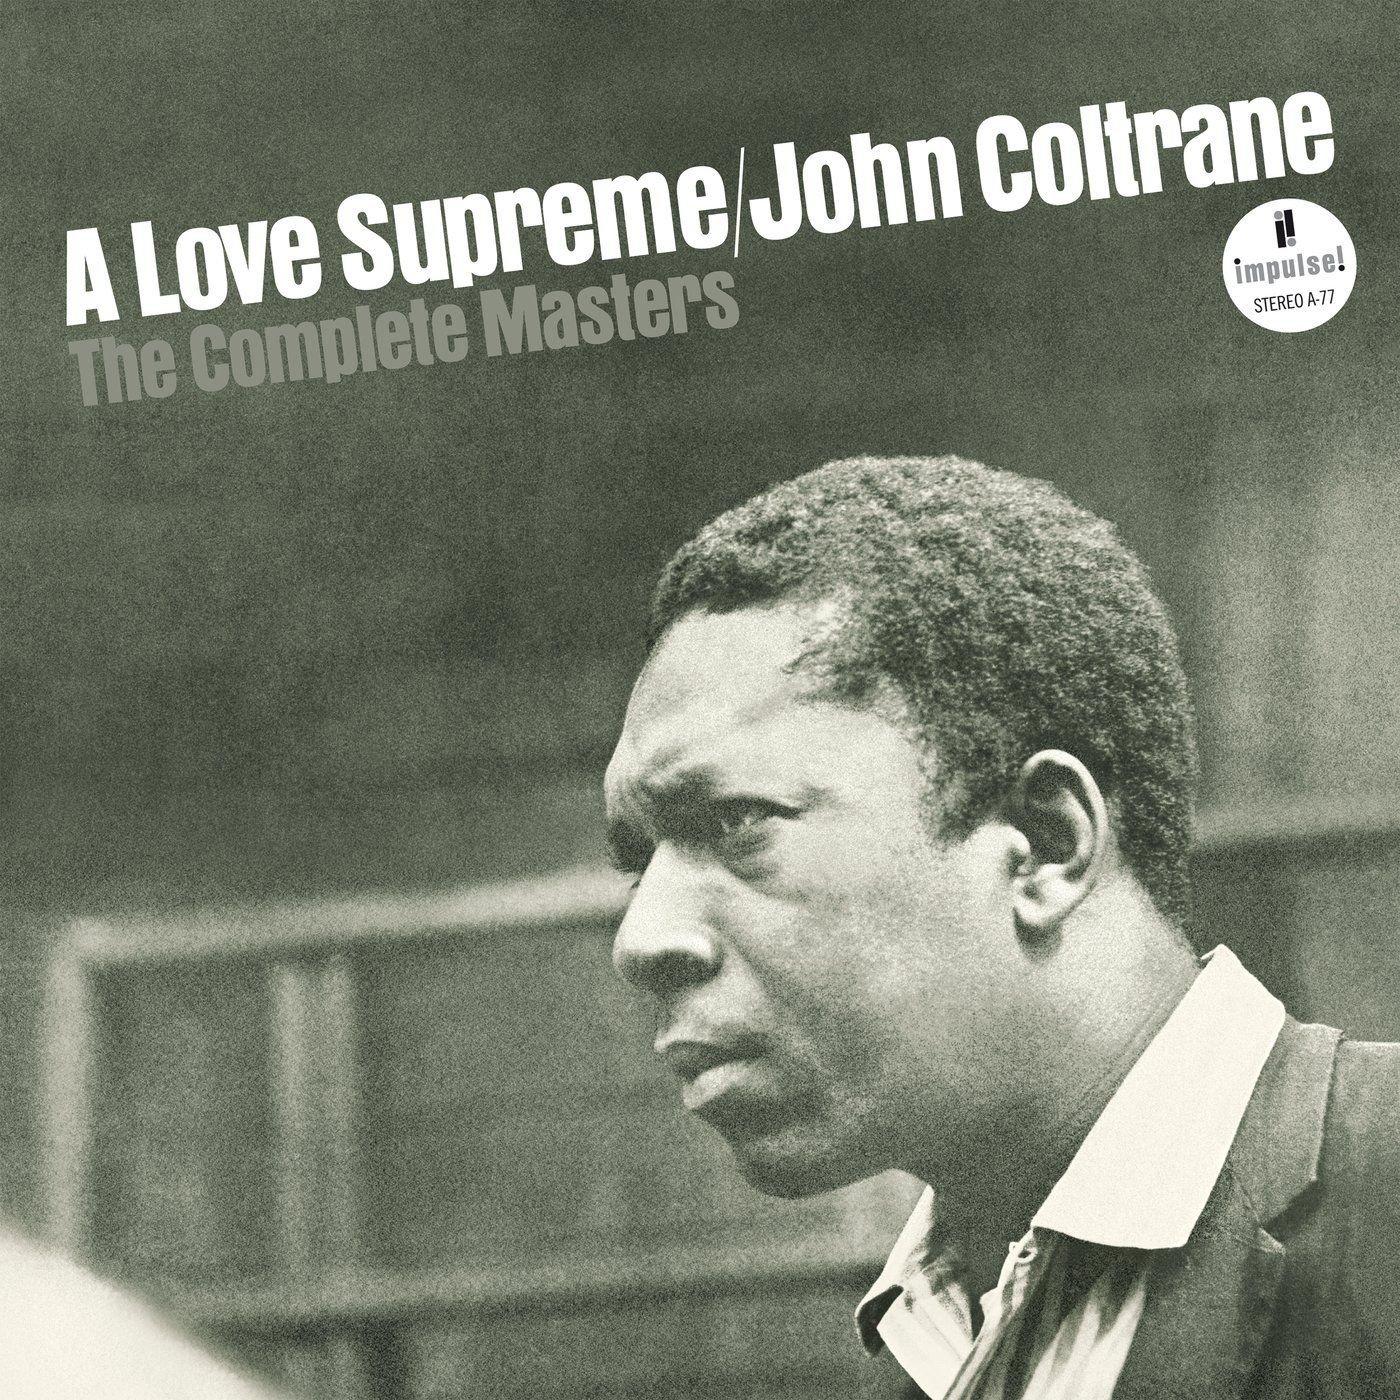 JOHN COLTRANE A LOVE SUPREME THE COMPLETE MASTERS